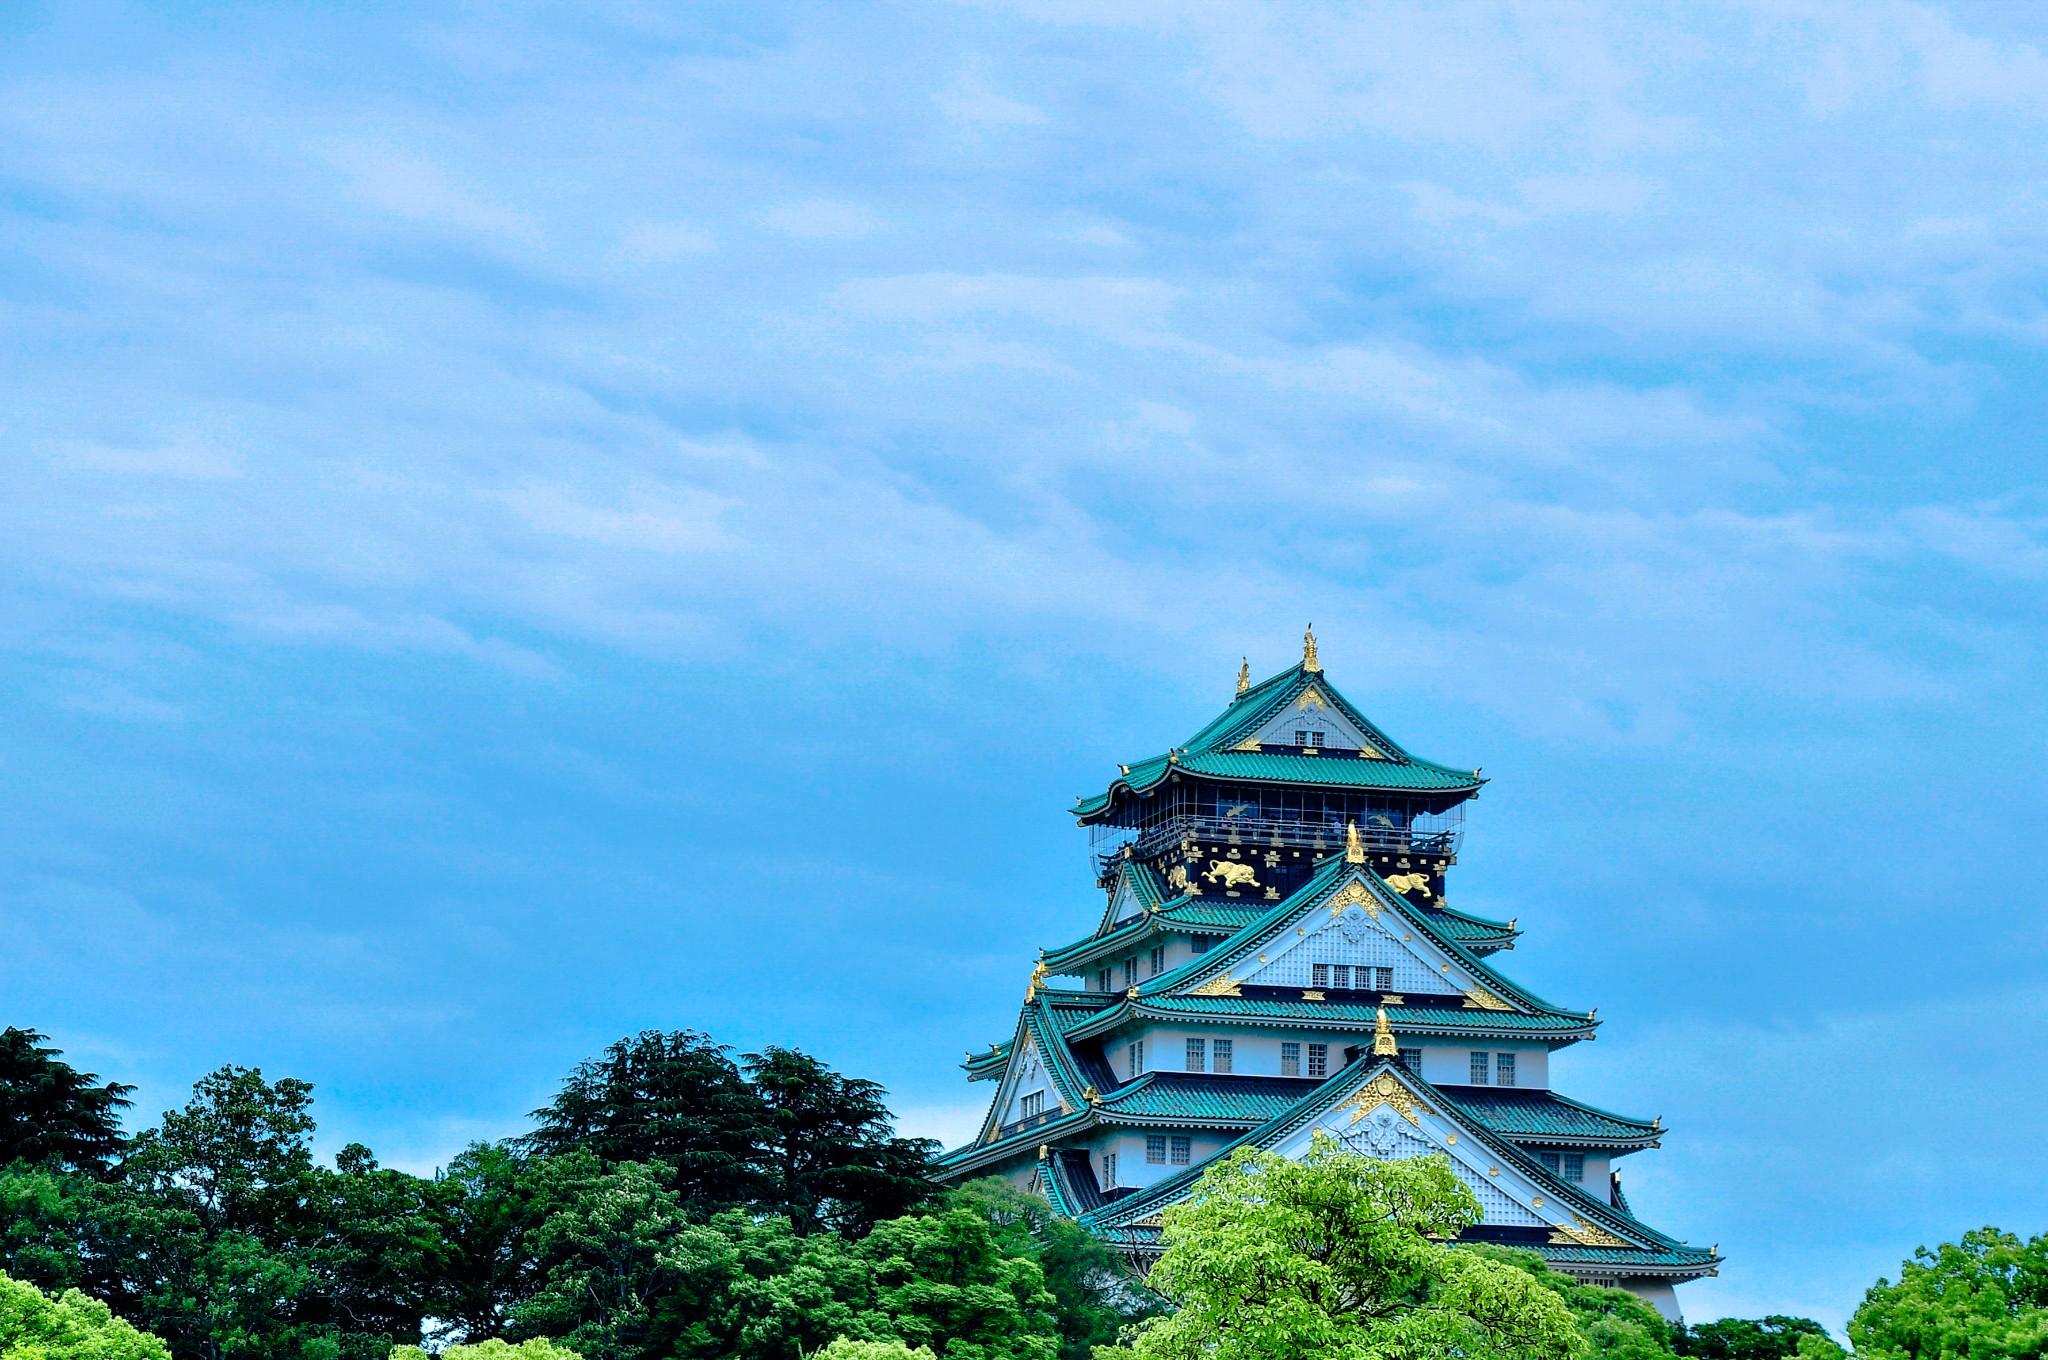 【星级游记】蜜月关西——大阪、奈良、神户、京都、宇治、名古屋_游记